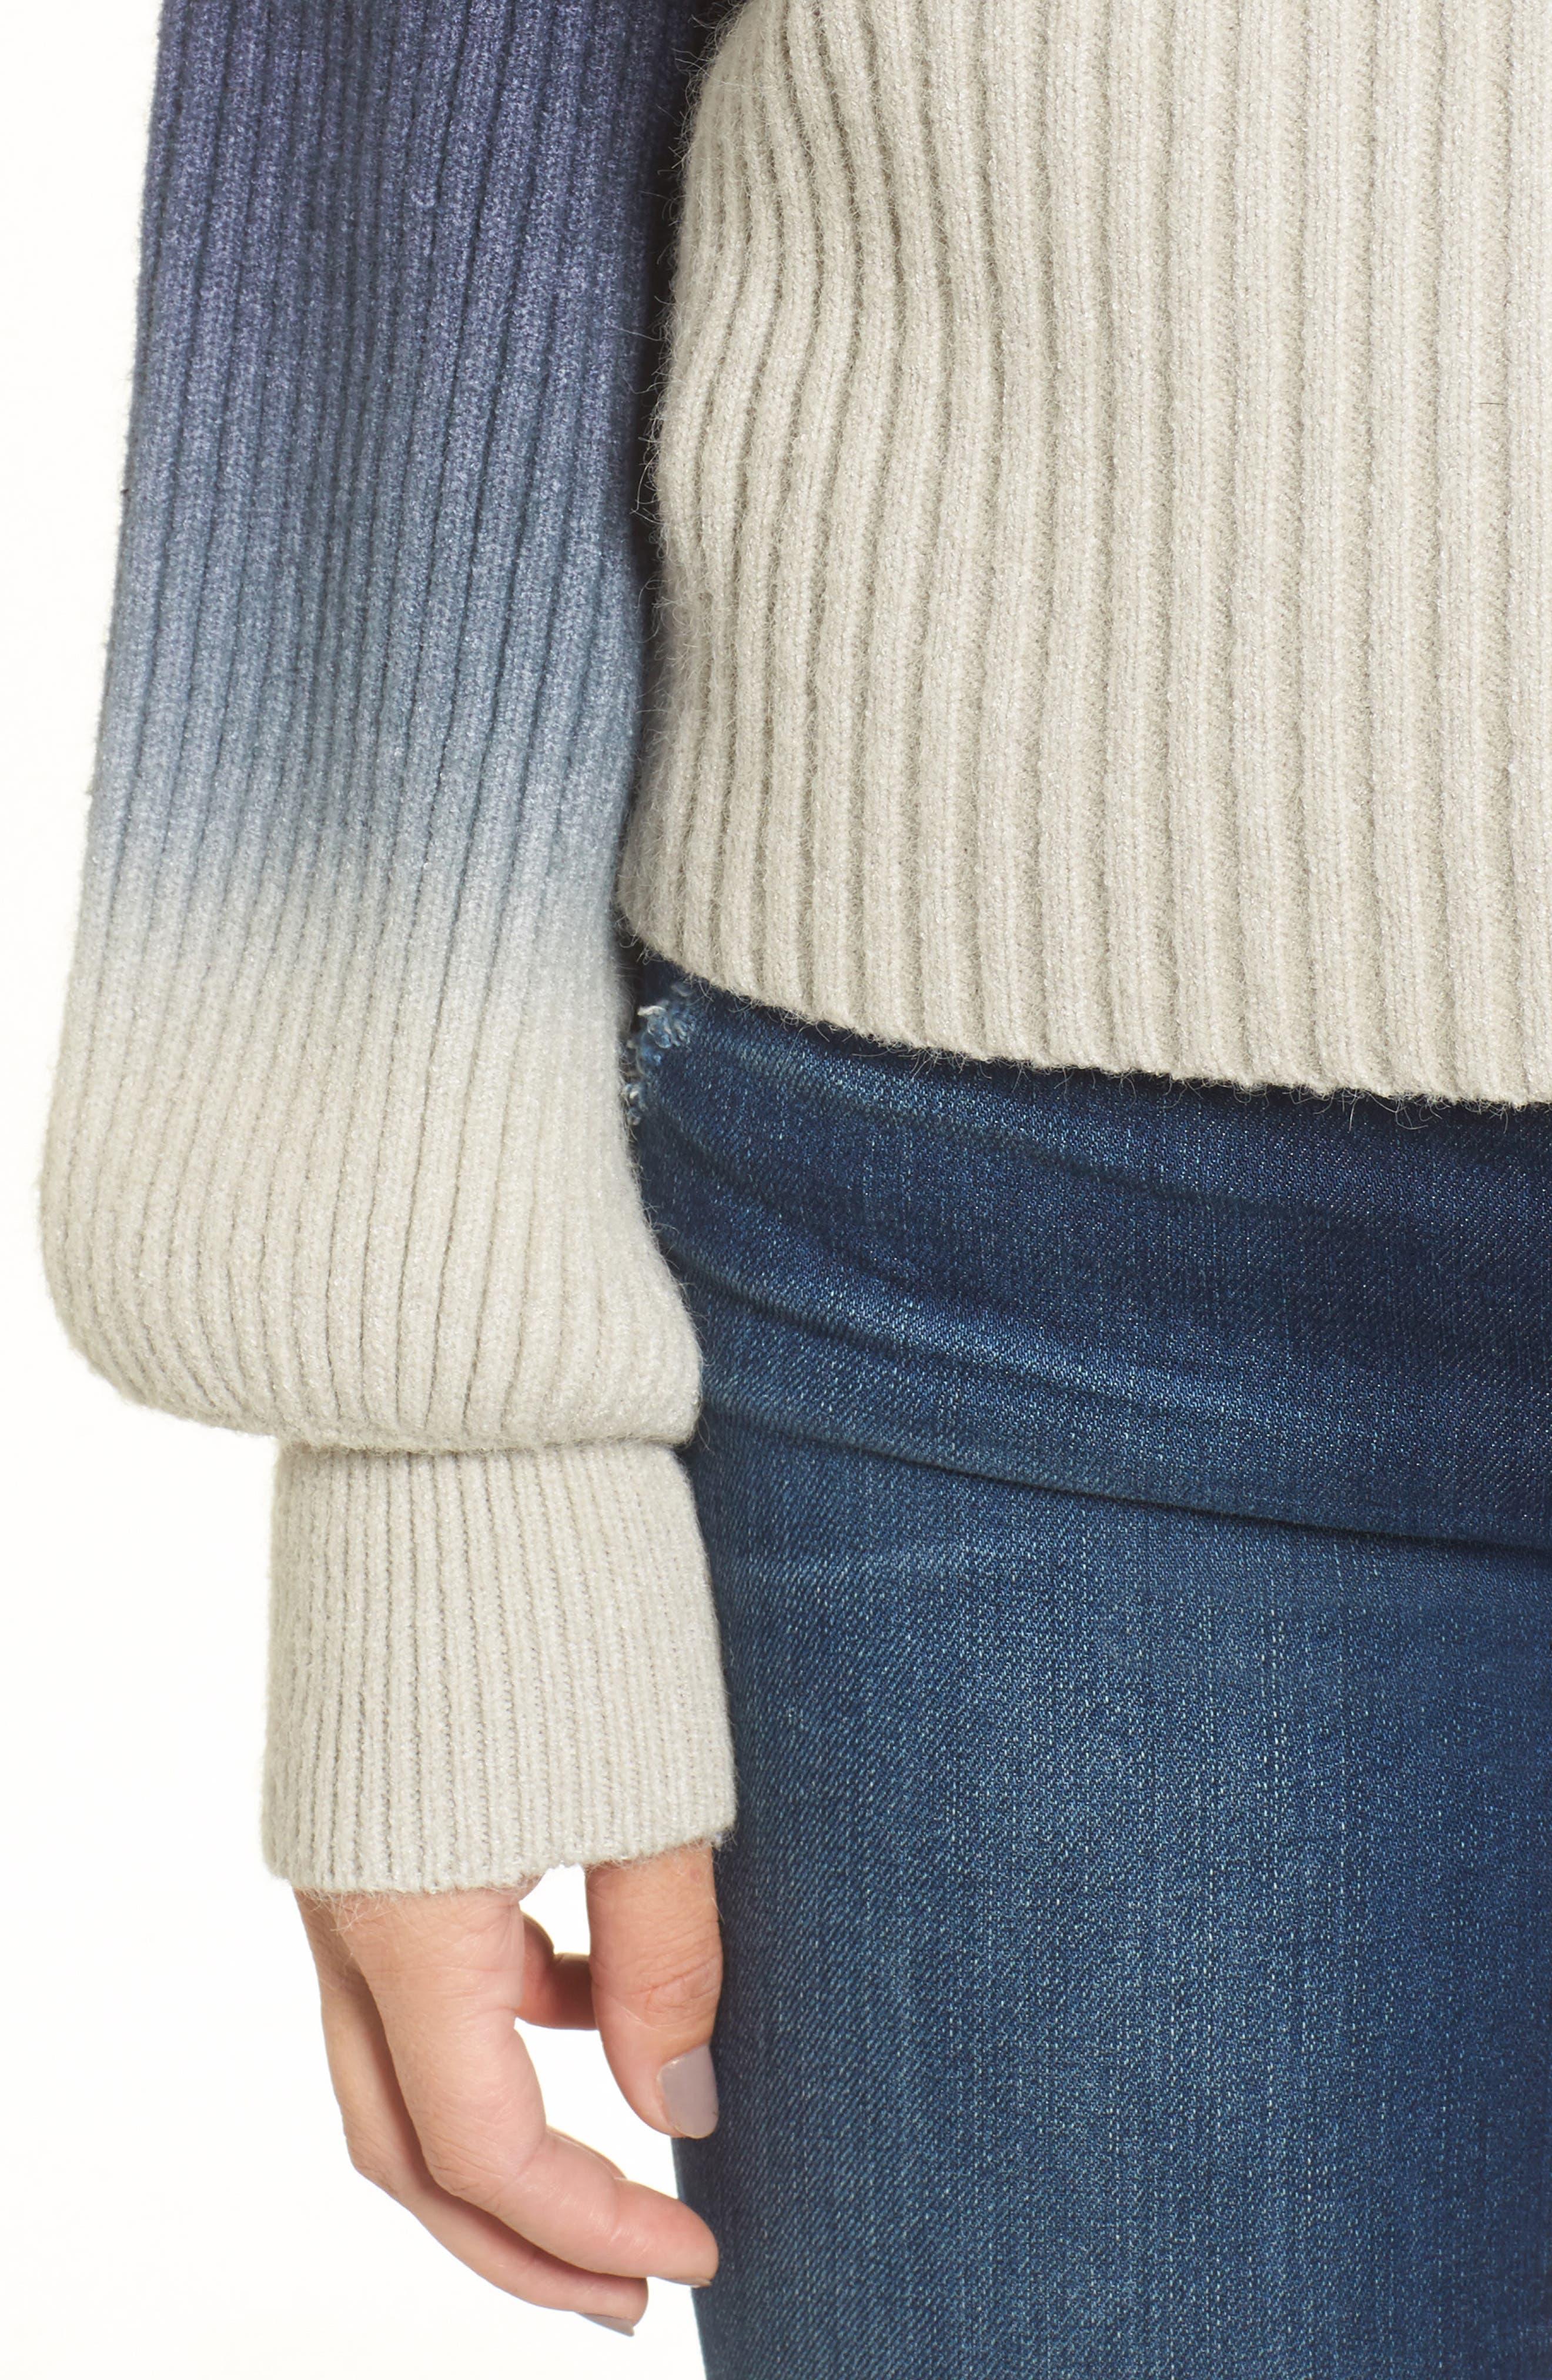 Ombré Sweater,                             Alternate thumbnail 4, color,                             Blue/ White